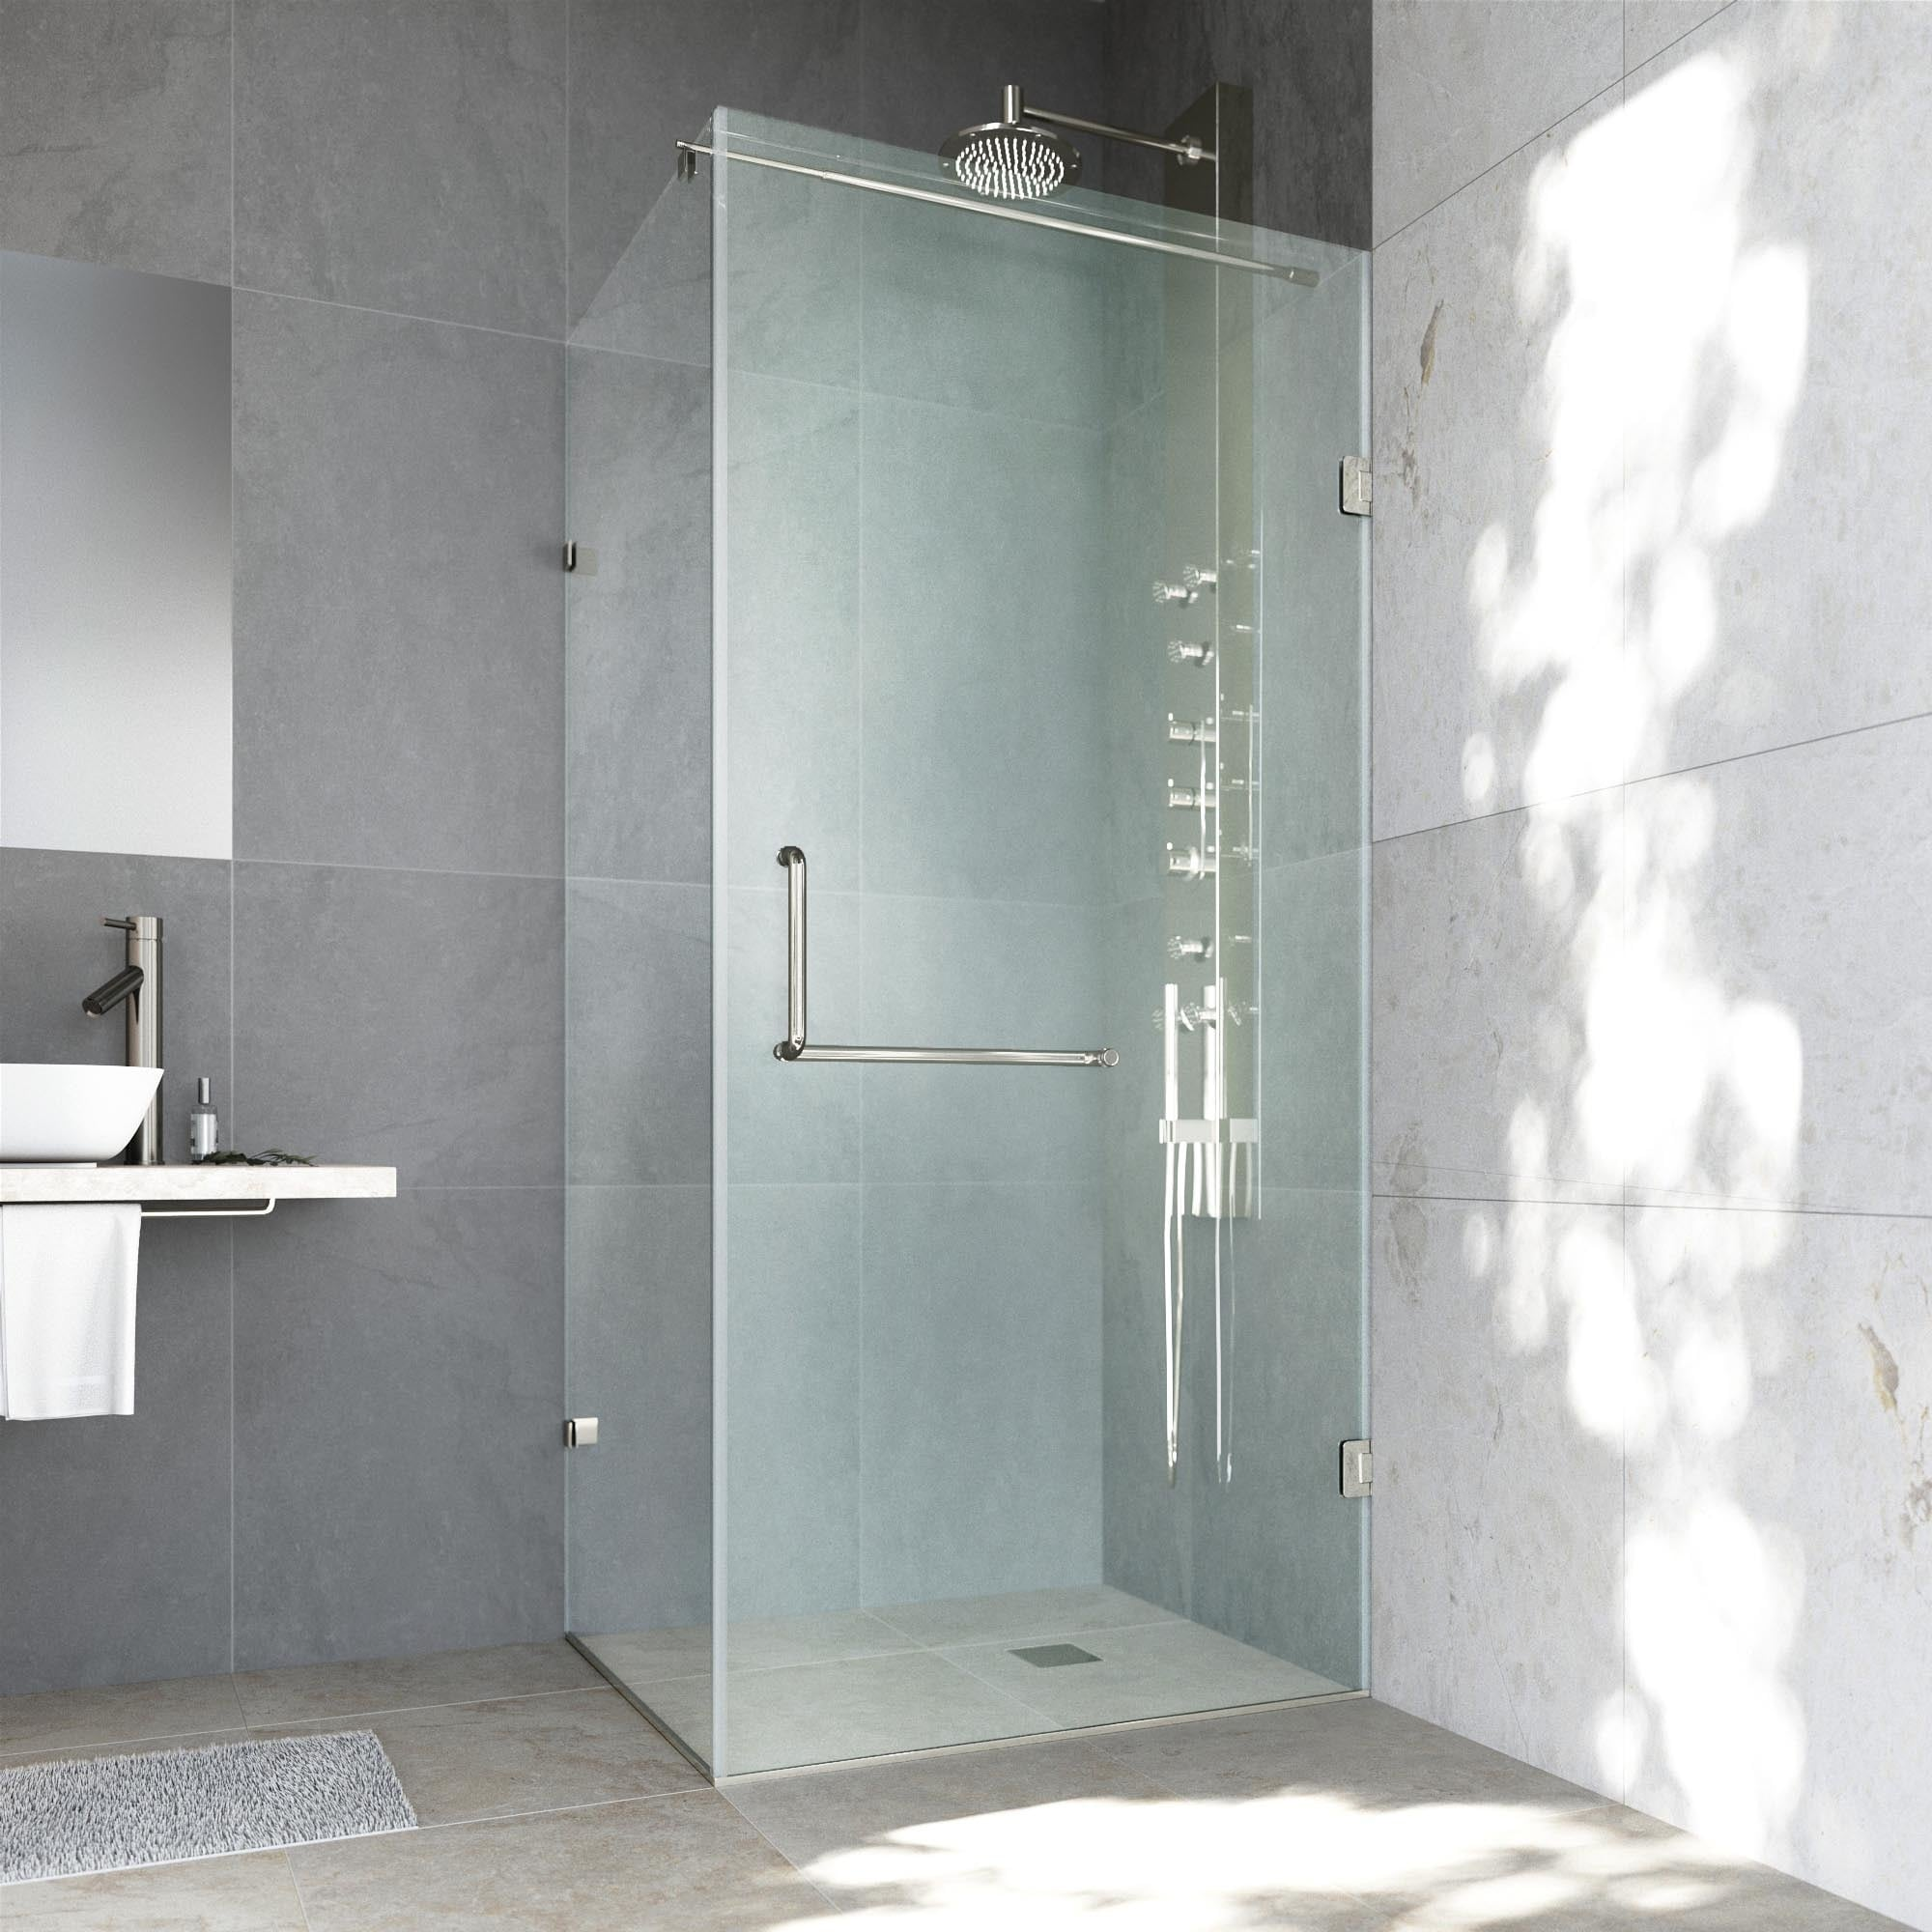 VIGO Frameless Clear Shower Enclosure (36 x 48) - Free Shipping ...